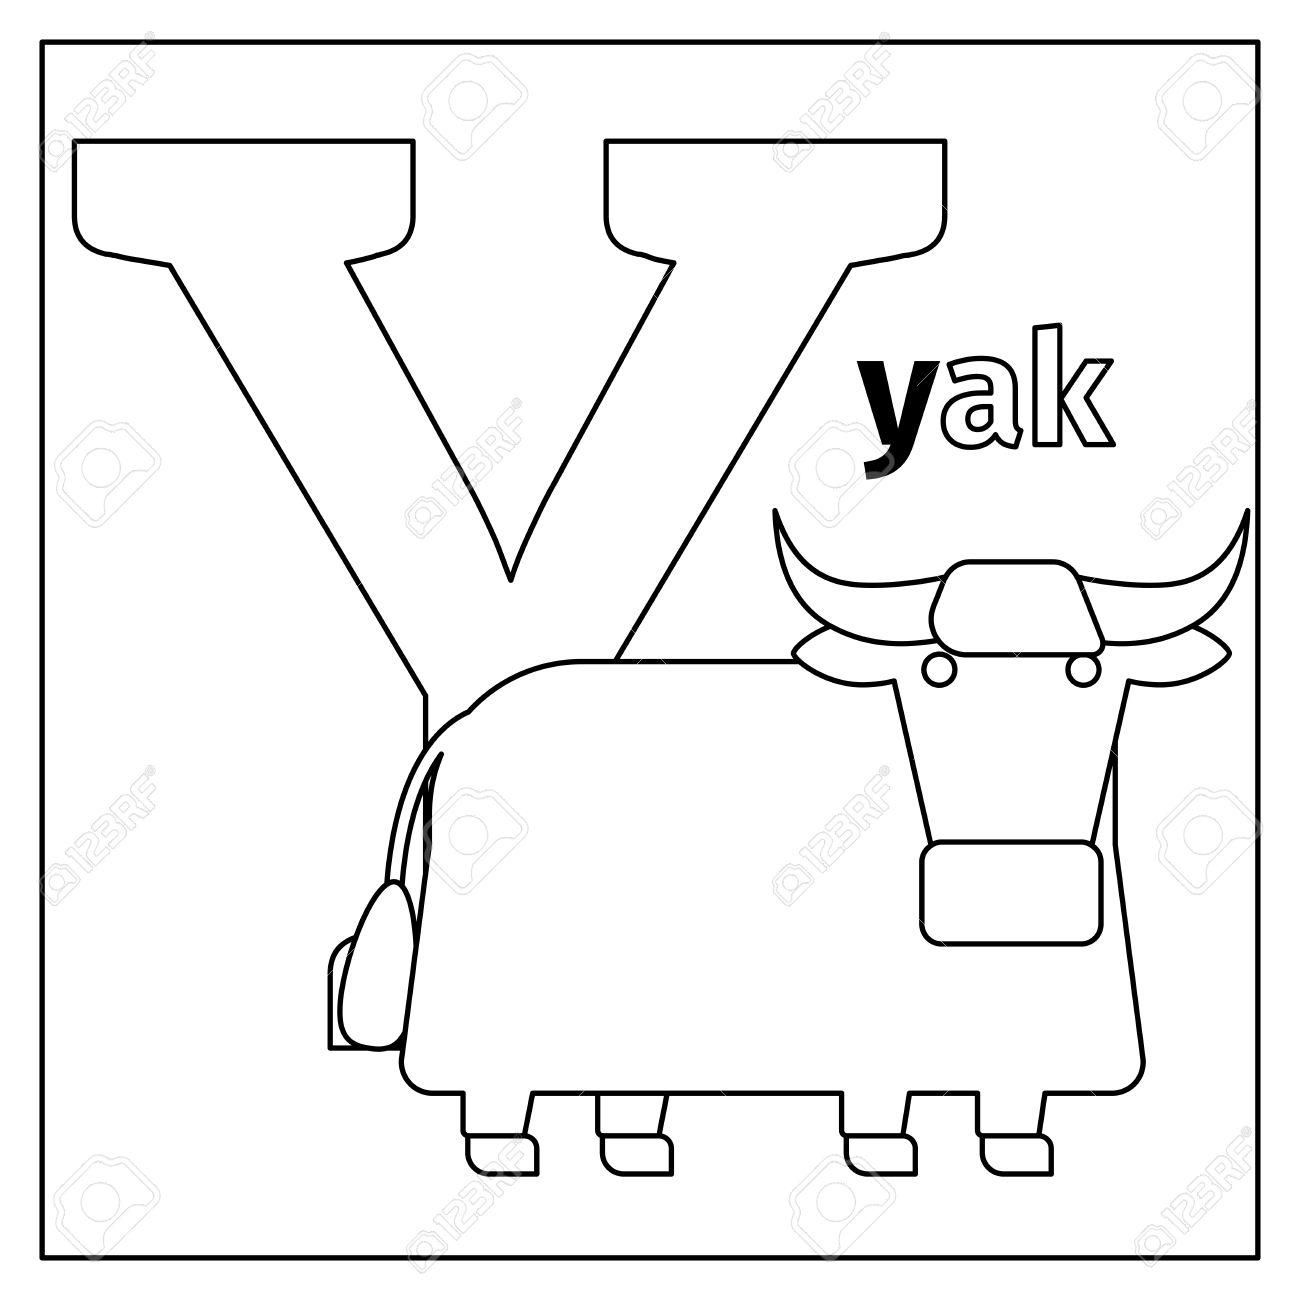 Kleurplaat Of Kaart Voor Kinderen Met Engels Dieren Dierentuin Alfabet Yak Letter Y Vector Illustratie